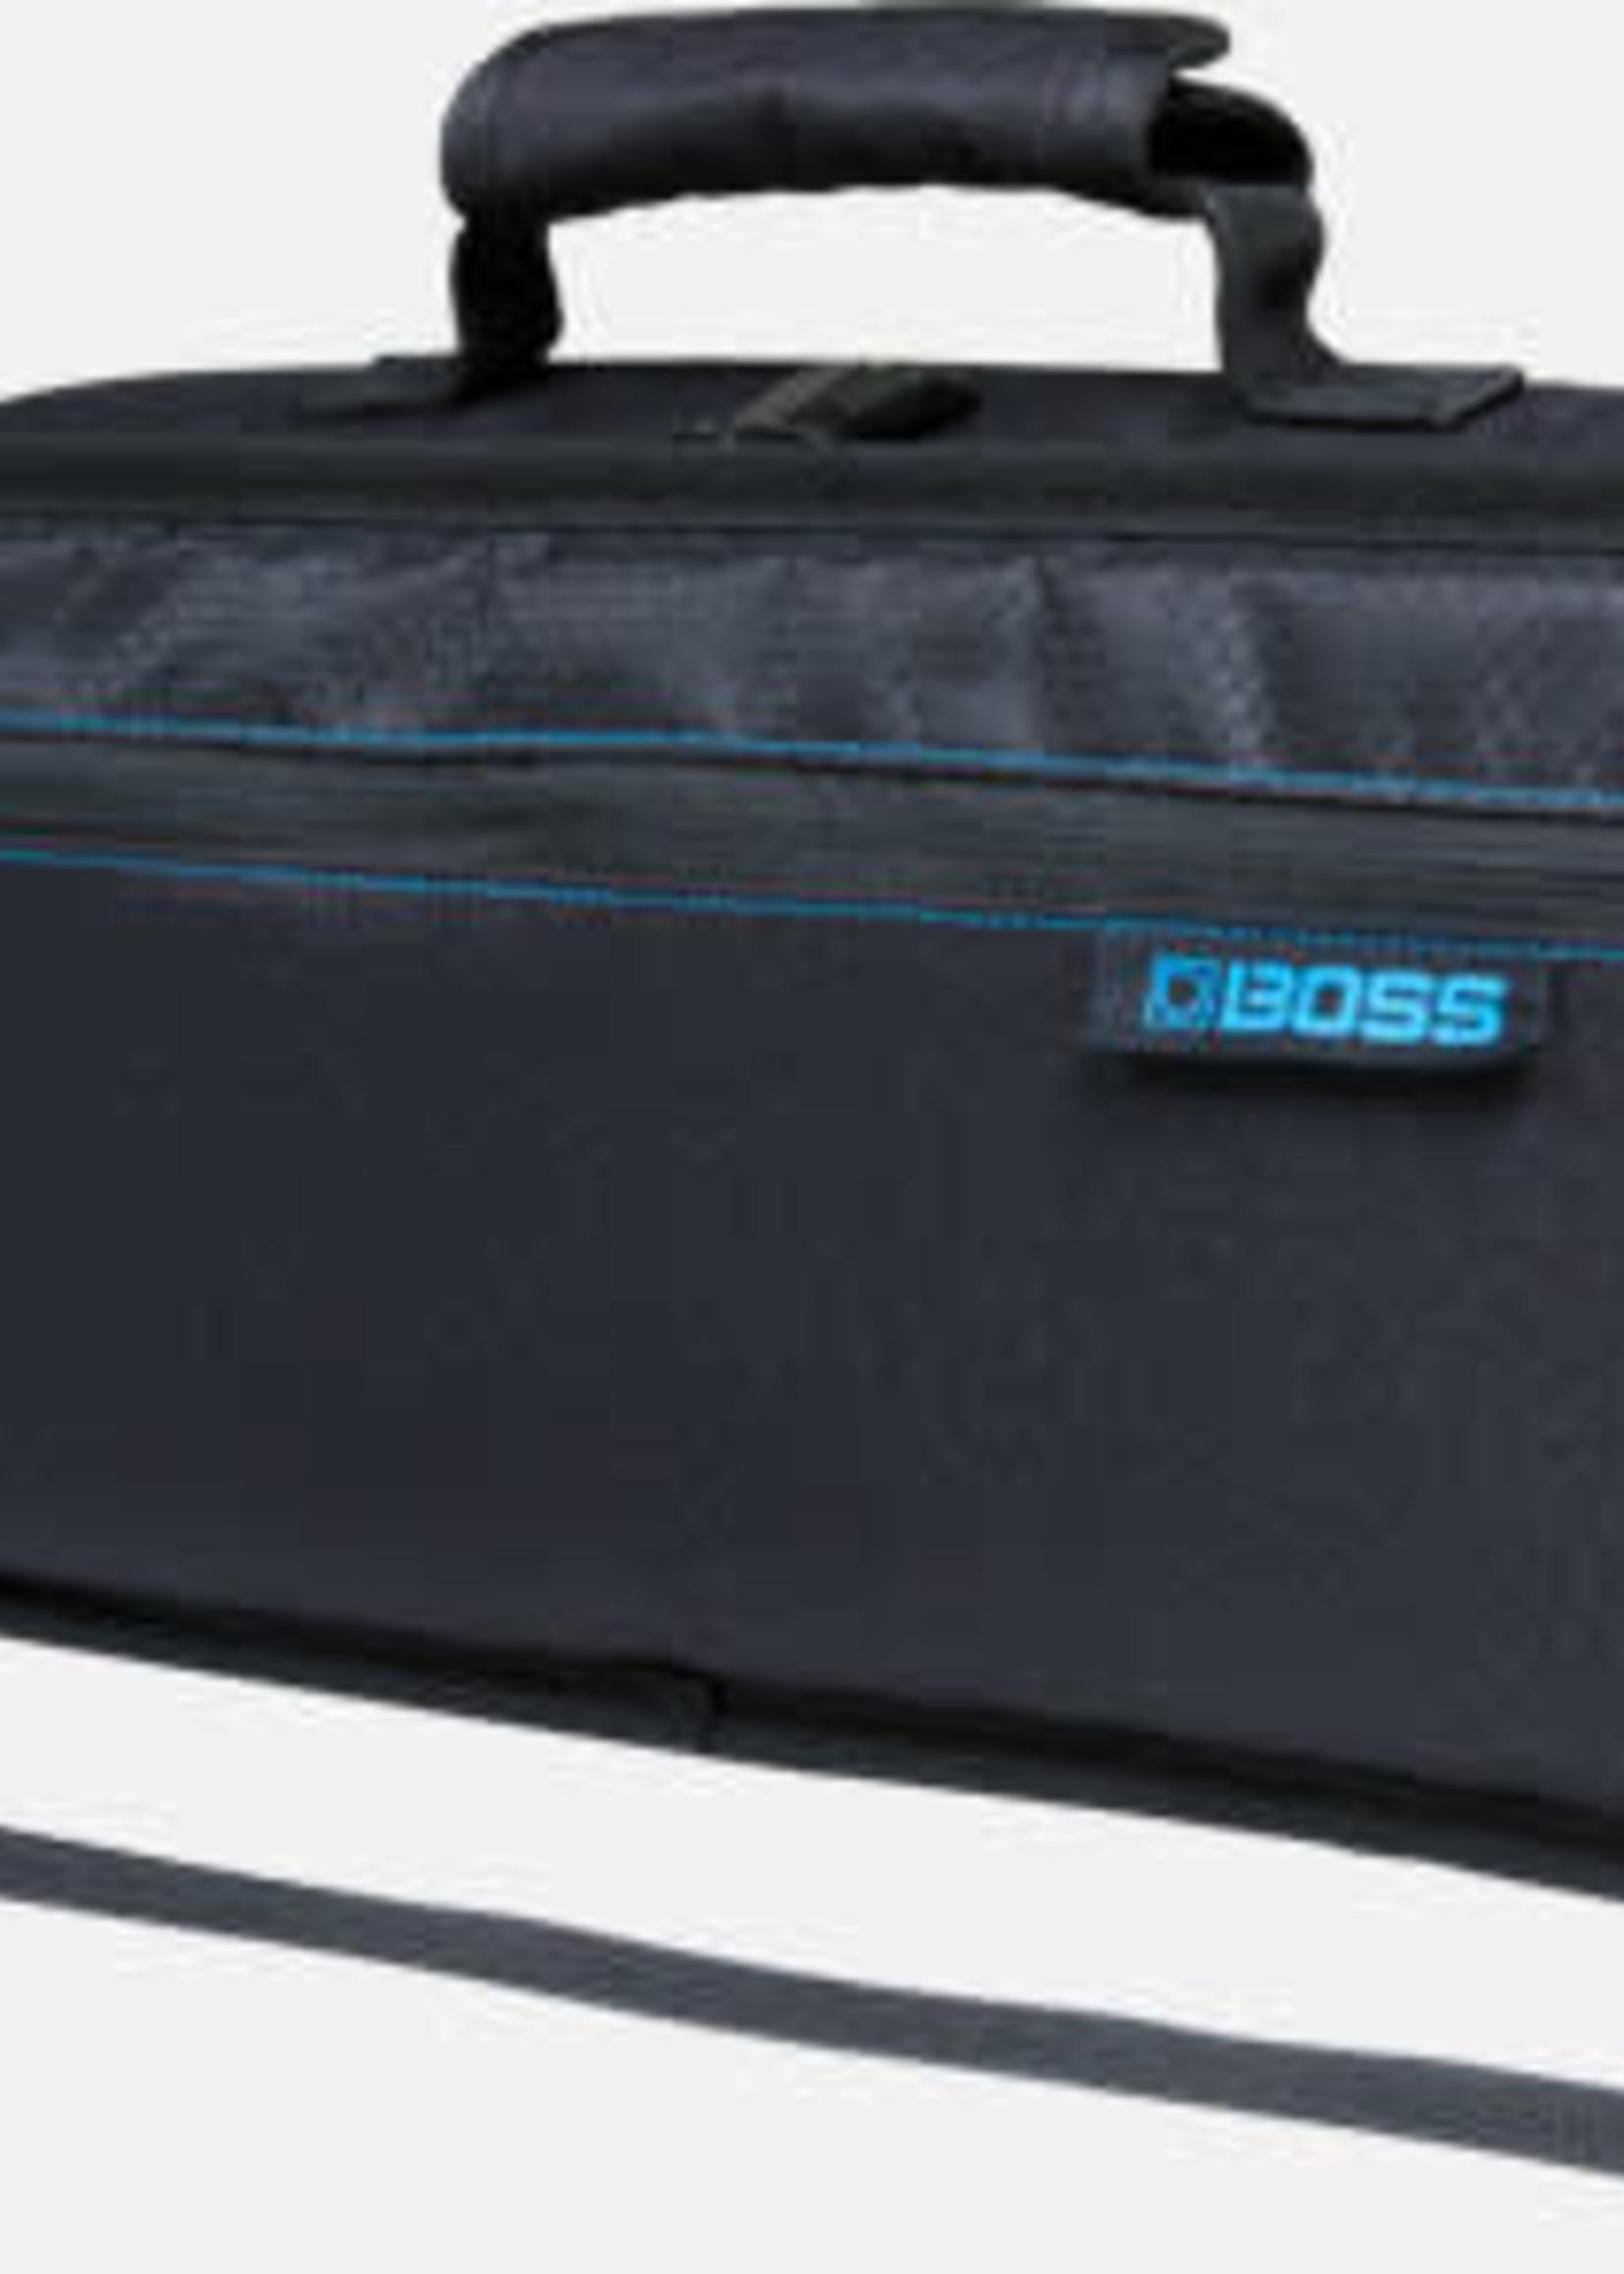 BOSS CB-GT1 BOSS